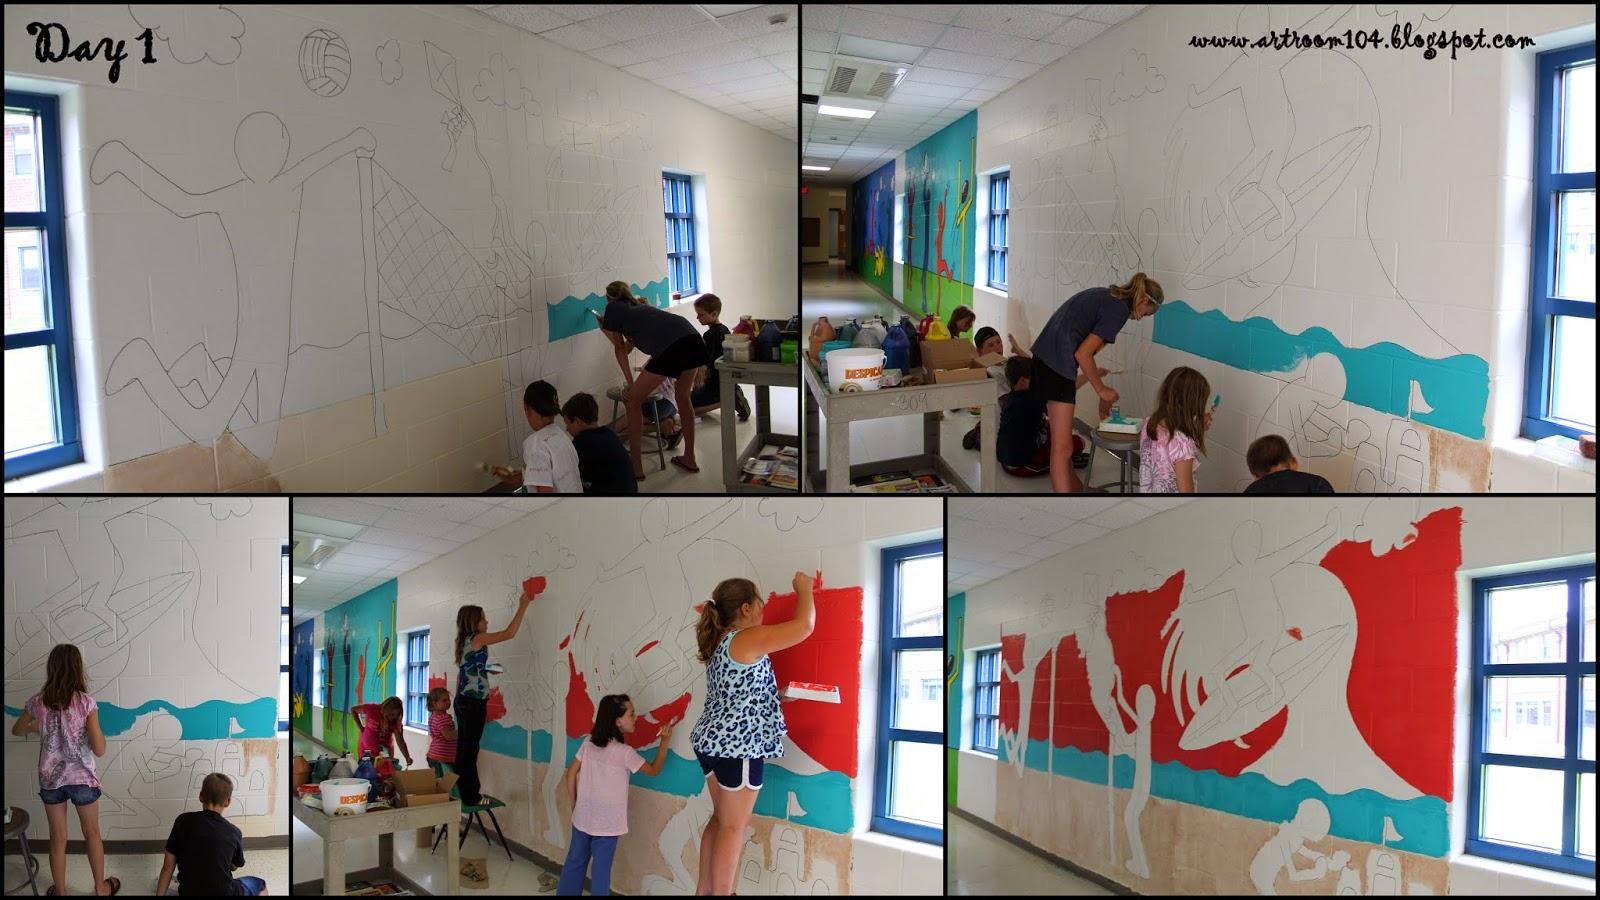 Art Room 104 Summer Program Keith Haring Murals